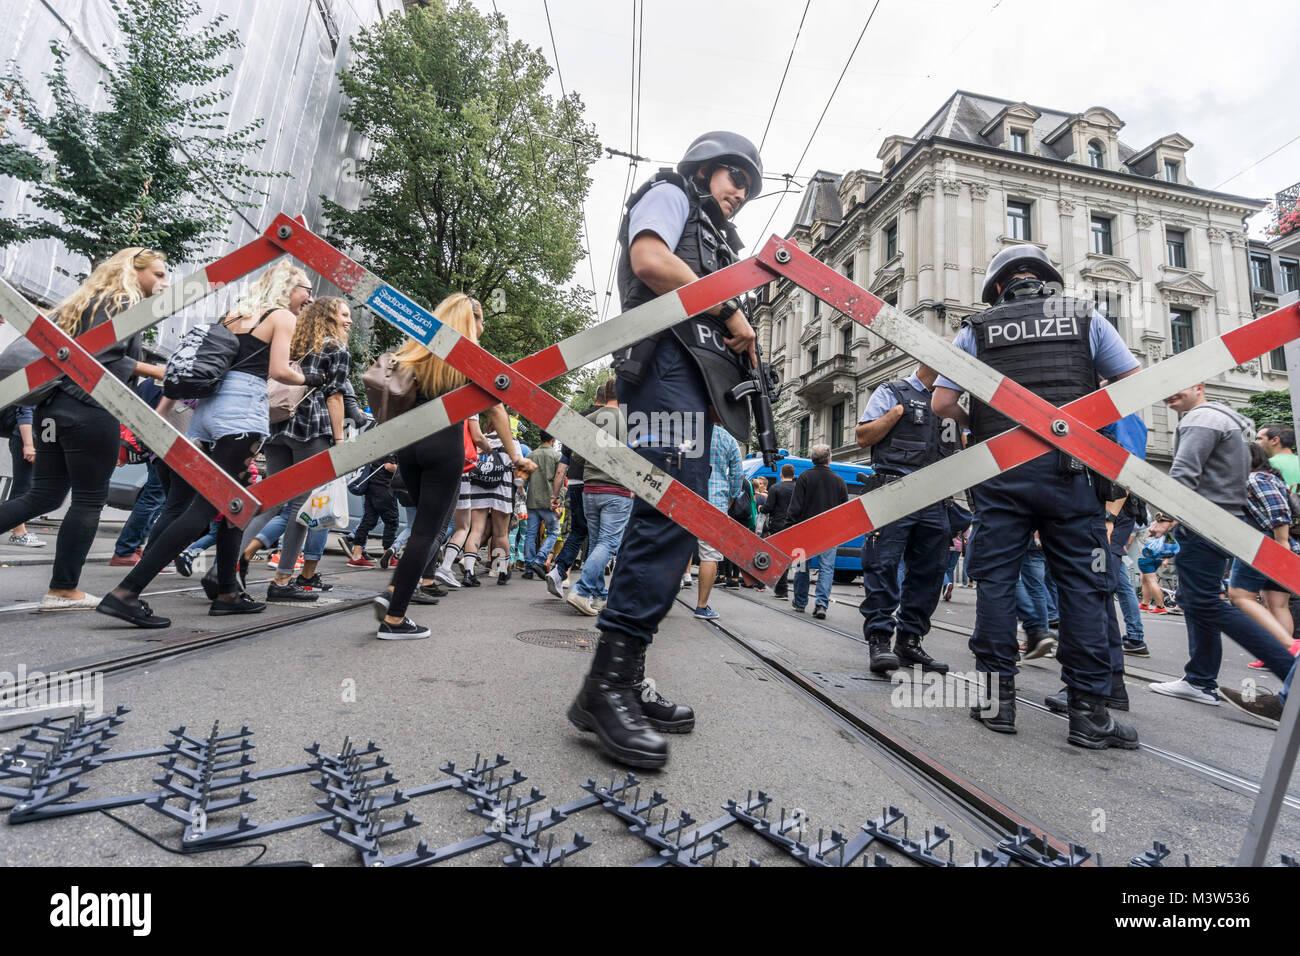 Street Parade, Polizei Blockade bei der Bahnhofstrasse, hohe Sicherheit, Zürich, Stockbild